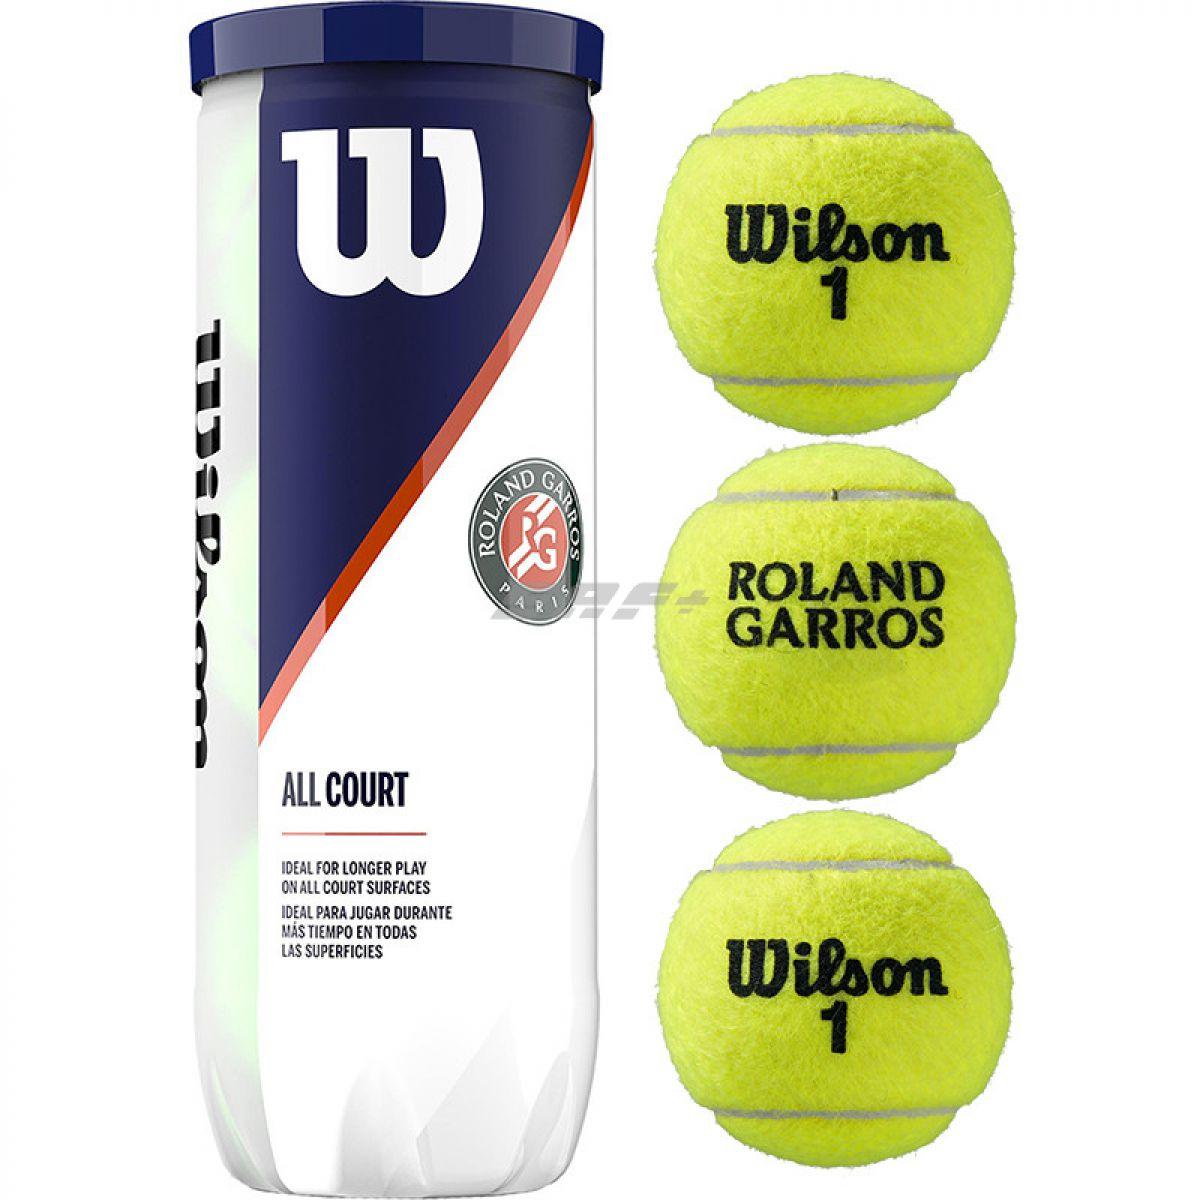 Мяч теннисный Мяч теннисный WILSON Roland Garros All Court арт. WRT126400, одобр.ITF, фетр, нат.резина,. уп.3 шт